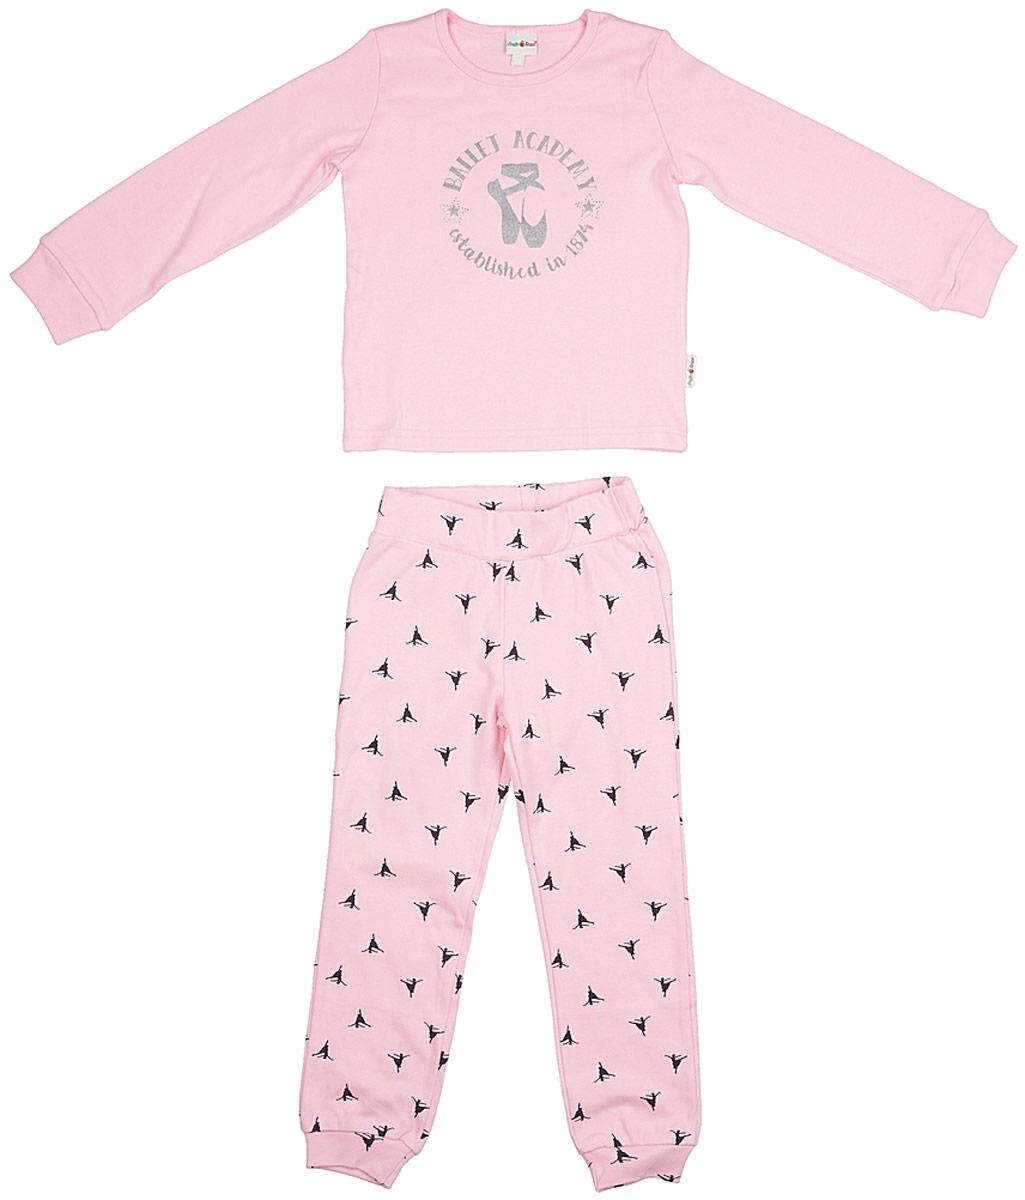 Пижама для девочки Frutto Rosso, цвет: светло-розовый. FRG72132. Размер 122 брюки джинсы и штанишки frutto rosso брюки для девочки